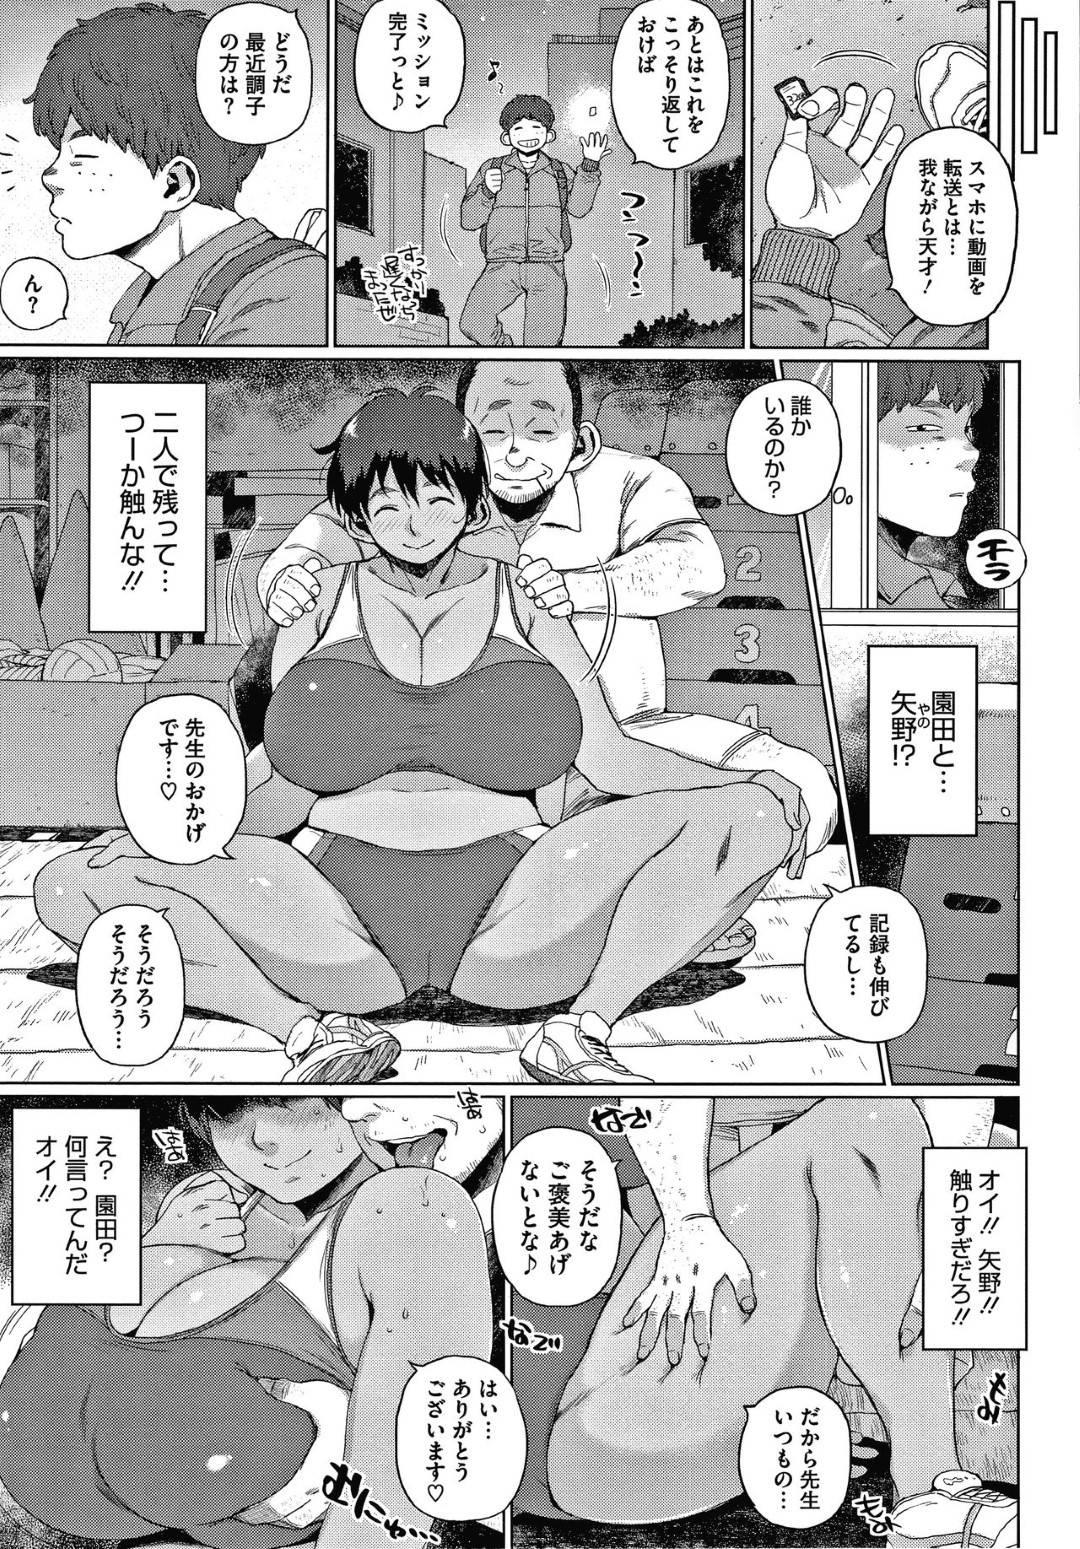 【エロ漫画】陸上部の練習の後に顧問のオヤジとエッチしている部のエースであるショートカットの爆乳JK…エッチしているところを部員の男子に見つかっちゃったけどちょうどやってみたかった3Pが出来るので男子を誘って顧問もいっしょに3P中出しセックス【室永叉焼:パイジャン♡ガール】